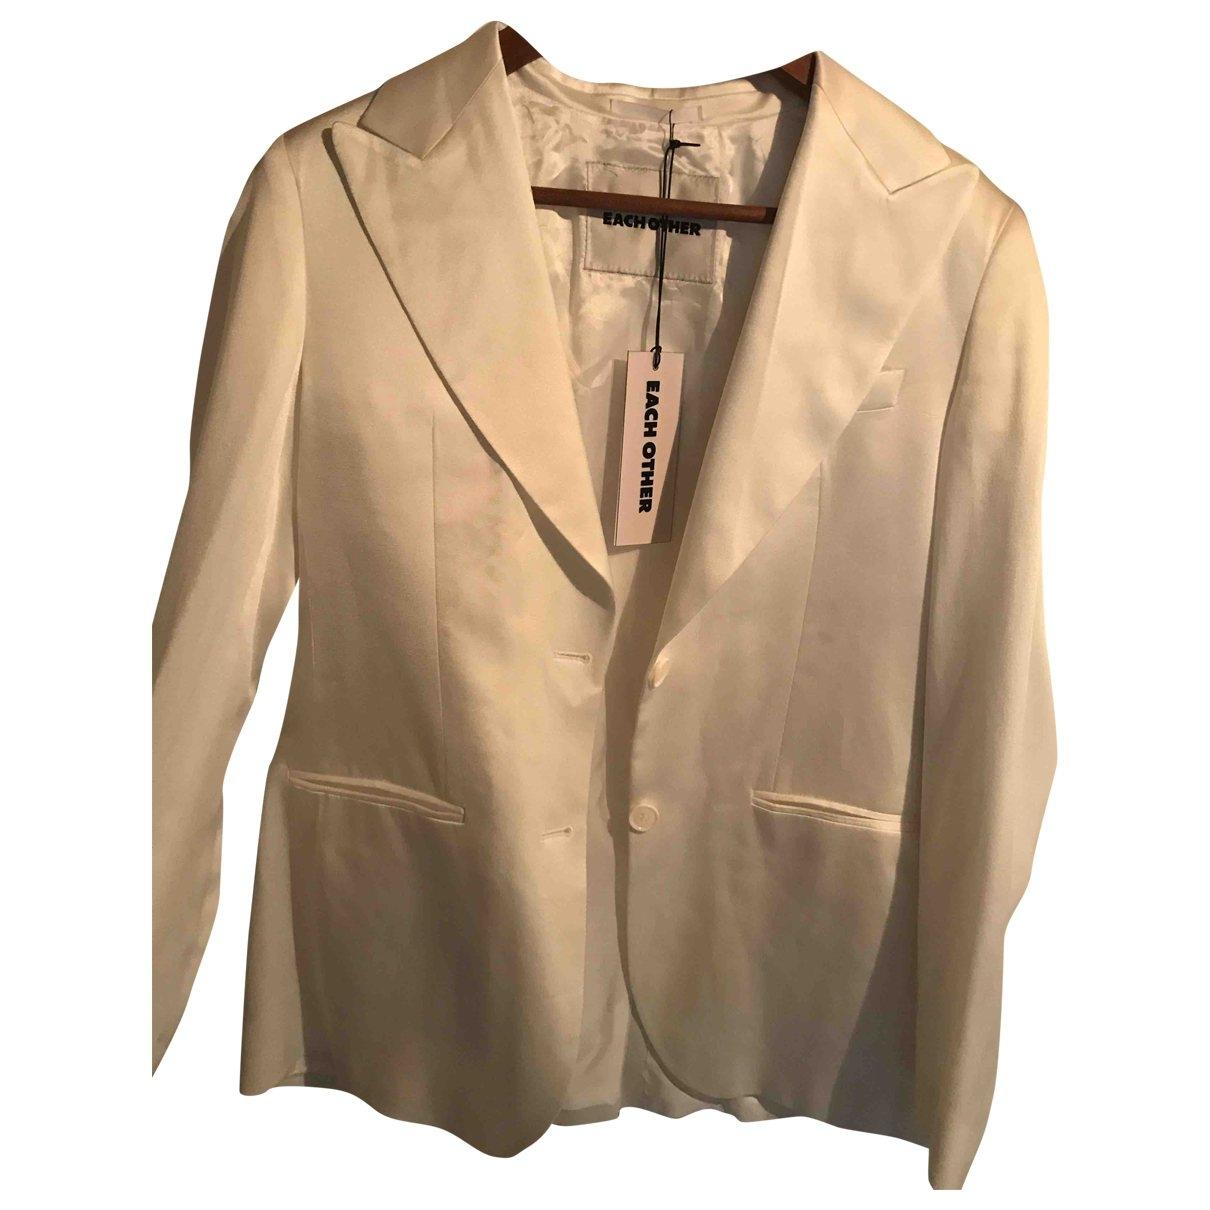 Each X \N White jacket for Women 36 FR